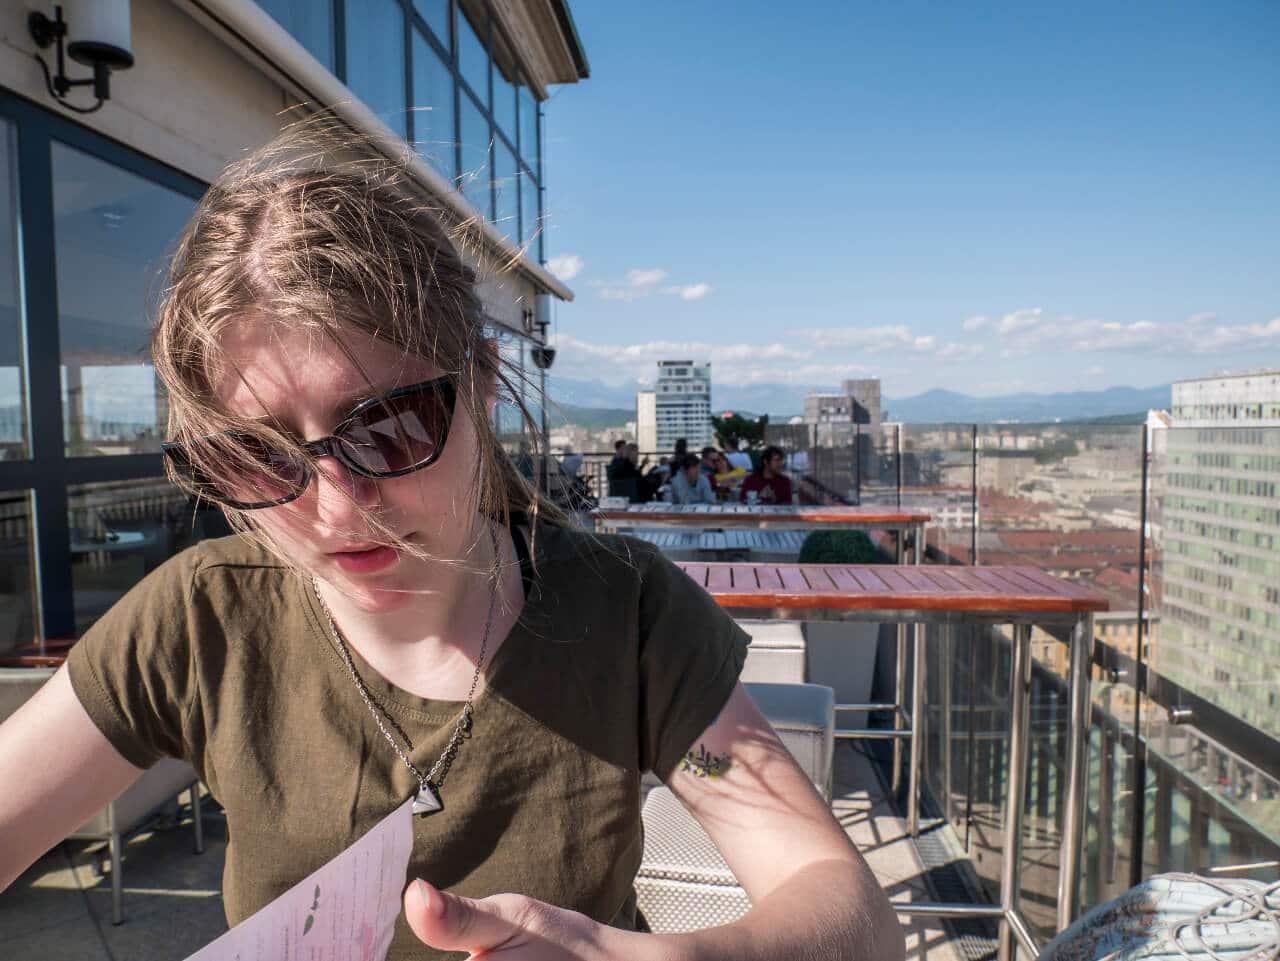 Natalia w restauracji na szczycie wieżowca Nebotičnik w Lublanie (Słowenia)